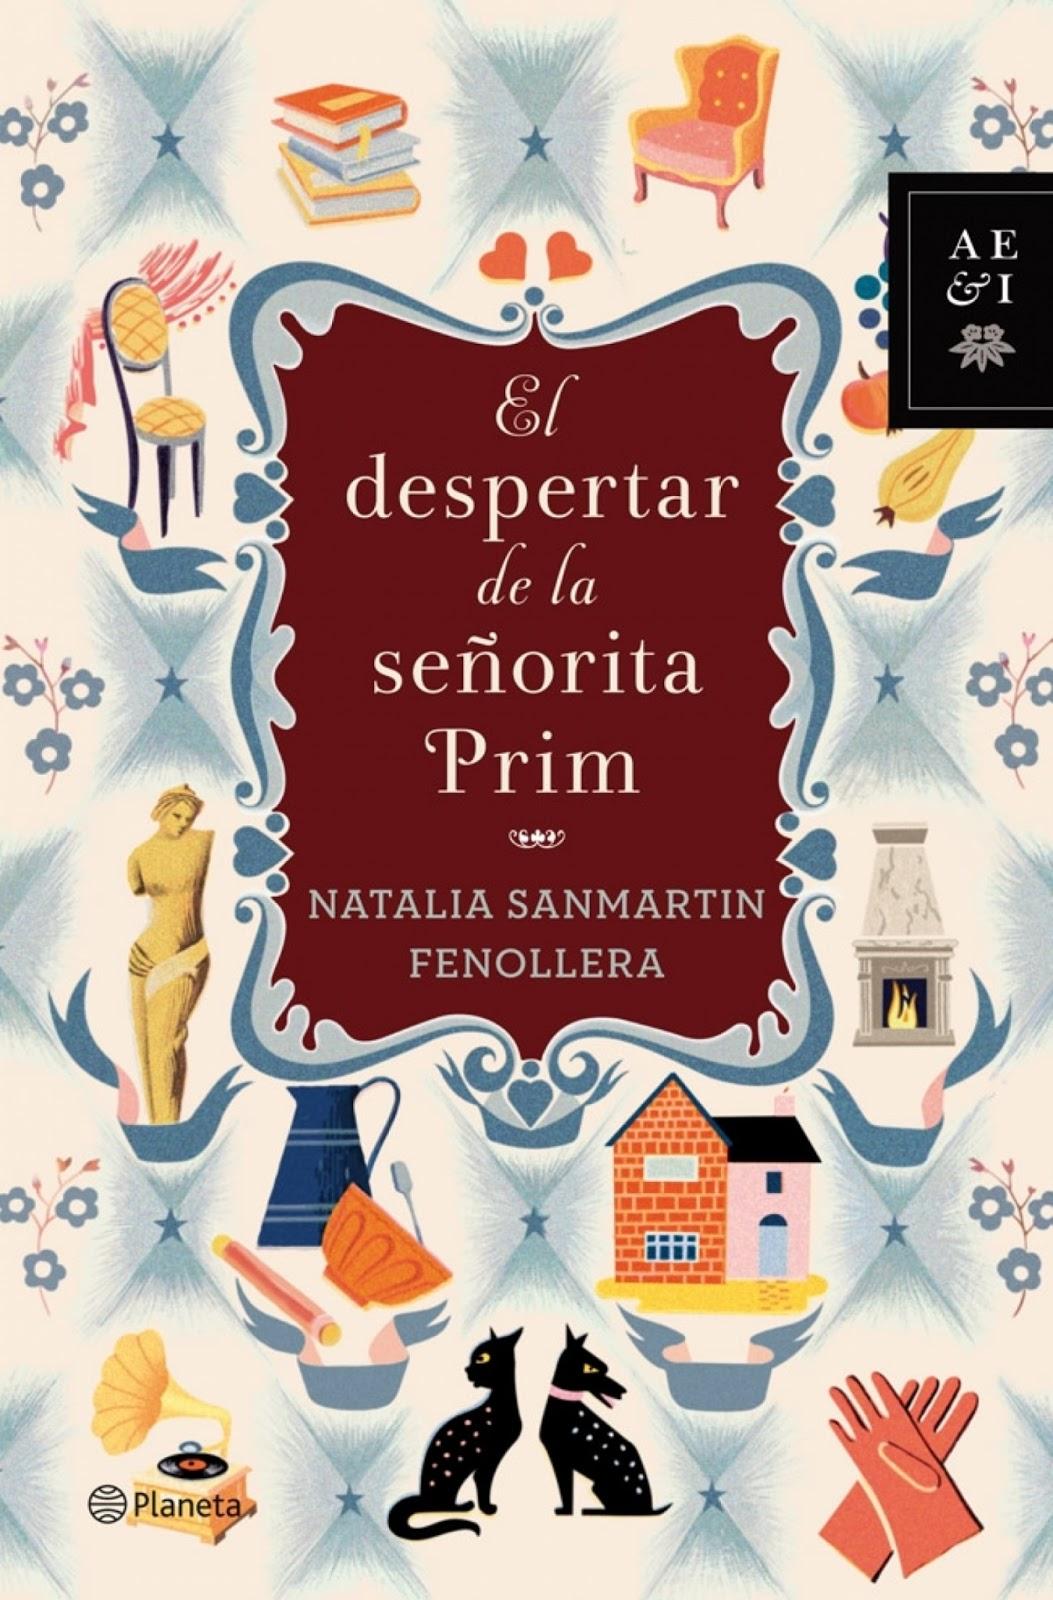 L'éveil de Mademoiselle Prim de Natalia Sanmartin Fenollera El-despertar-de-la-senorita-prim-ebook-9788408113430